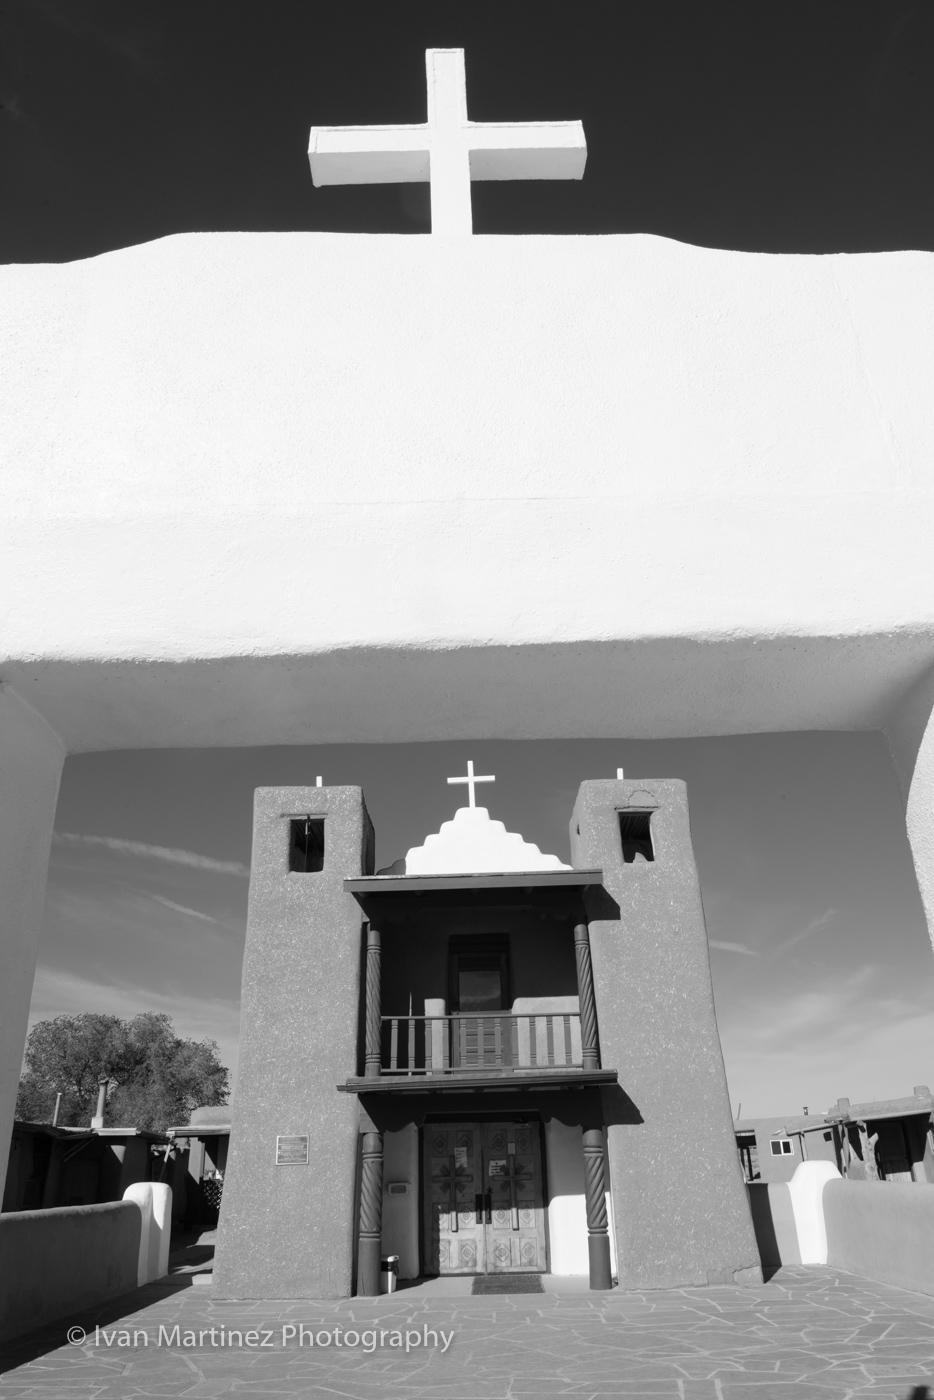 San Geronimo, Taos Pueblos